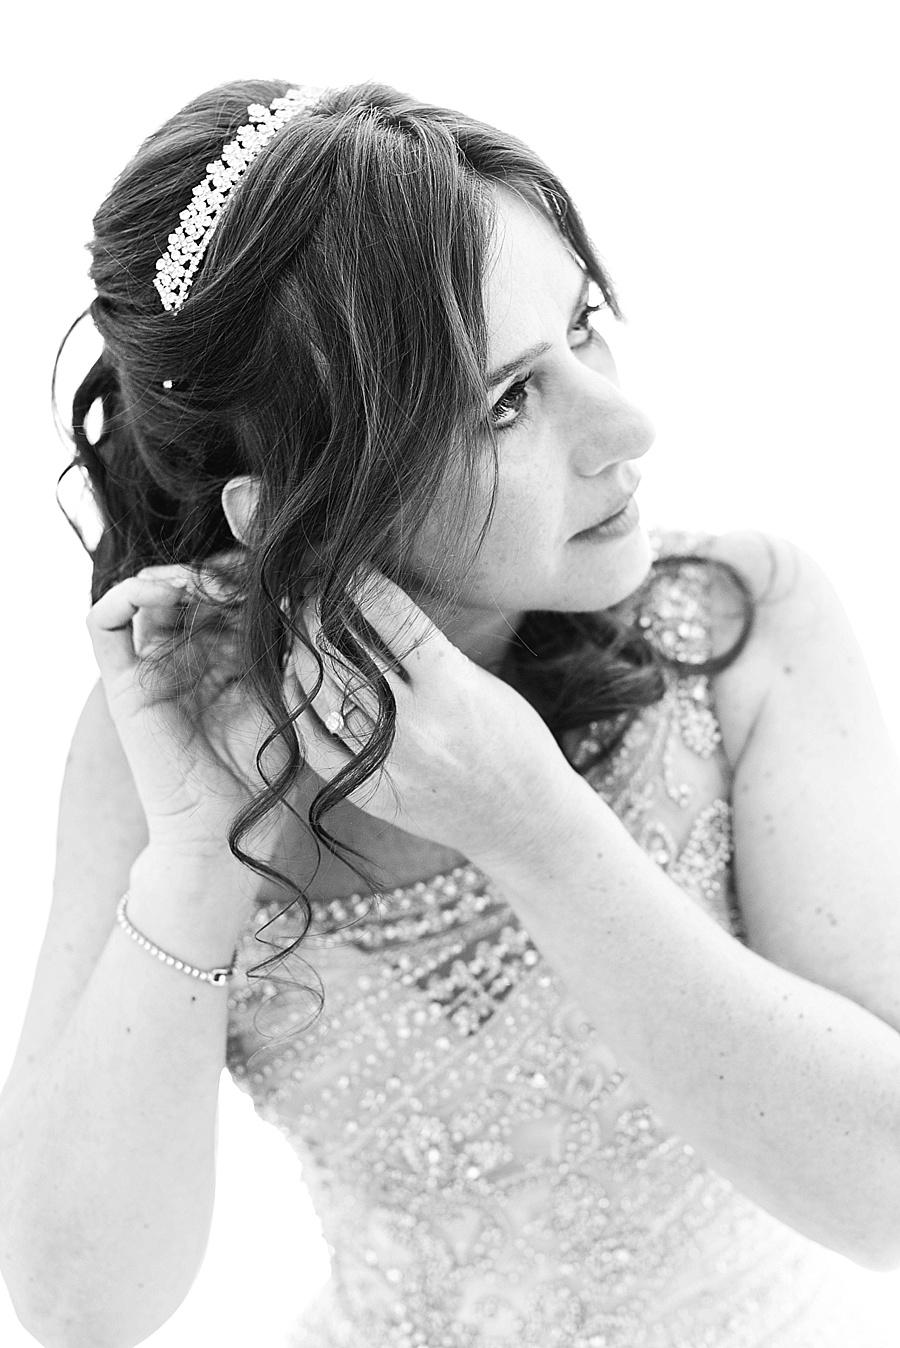 Darren Bester - Cape Town Wedding Photographer - Eensgezind Function Venue - Roger & Amanda_0004.jpg